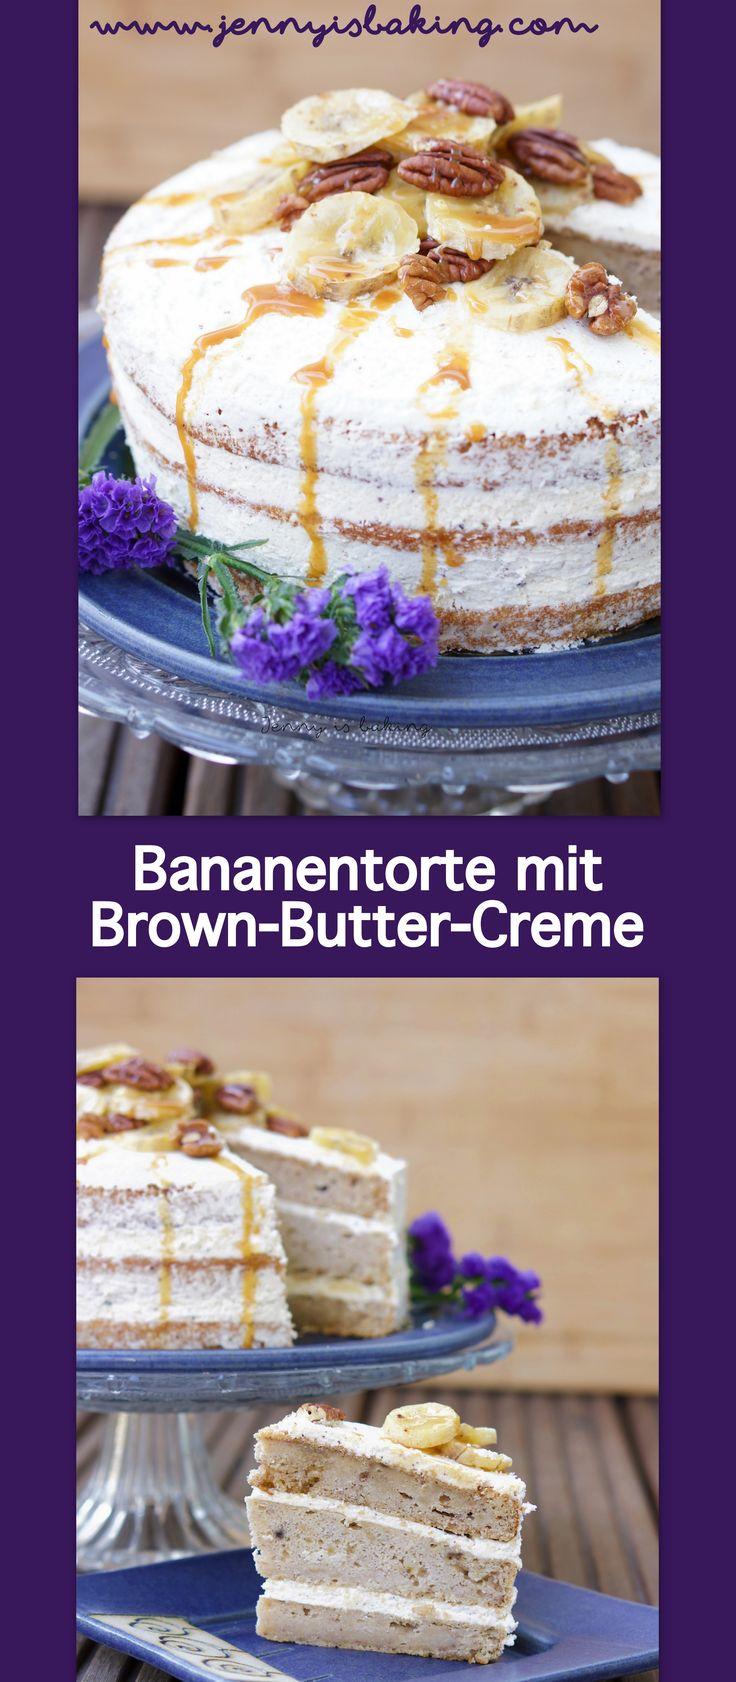 Bananentorte mit Italienischer Buttercreme #banane #torte #brownbutter #bananentorte